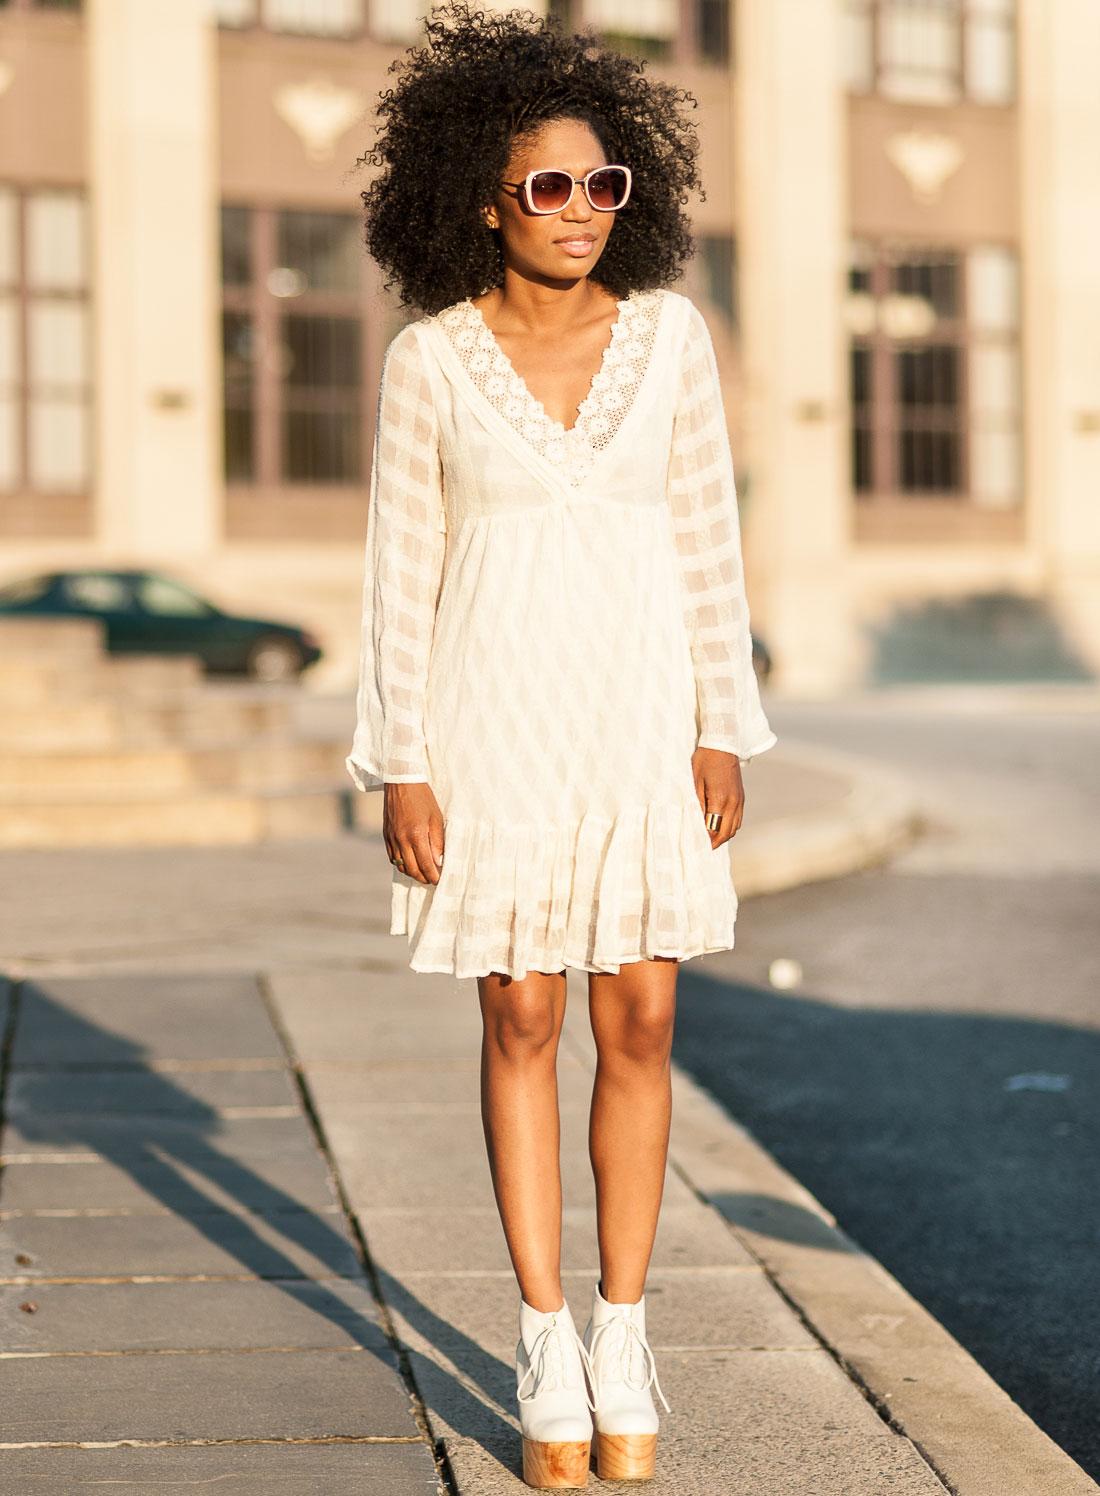 baltimore-free-people-dress-1